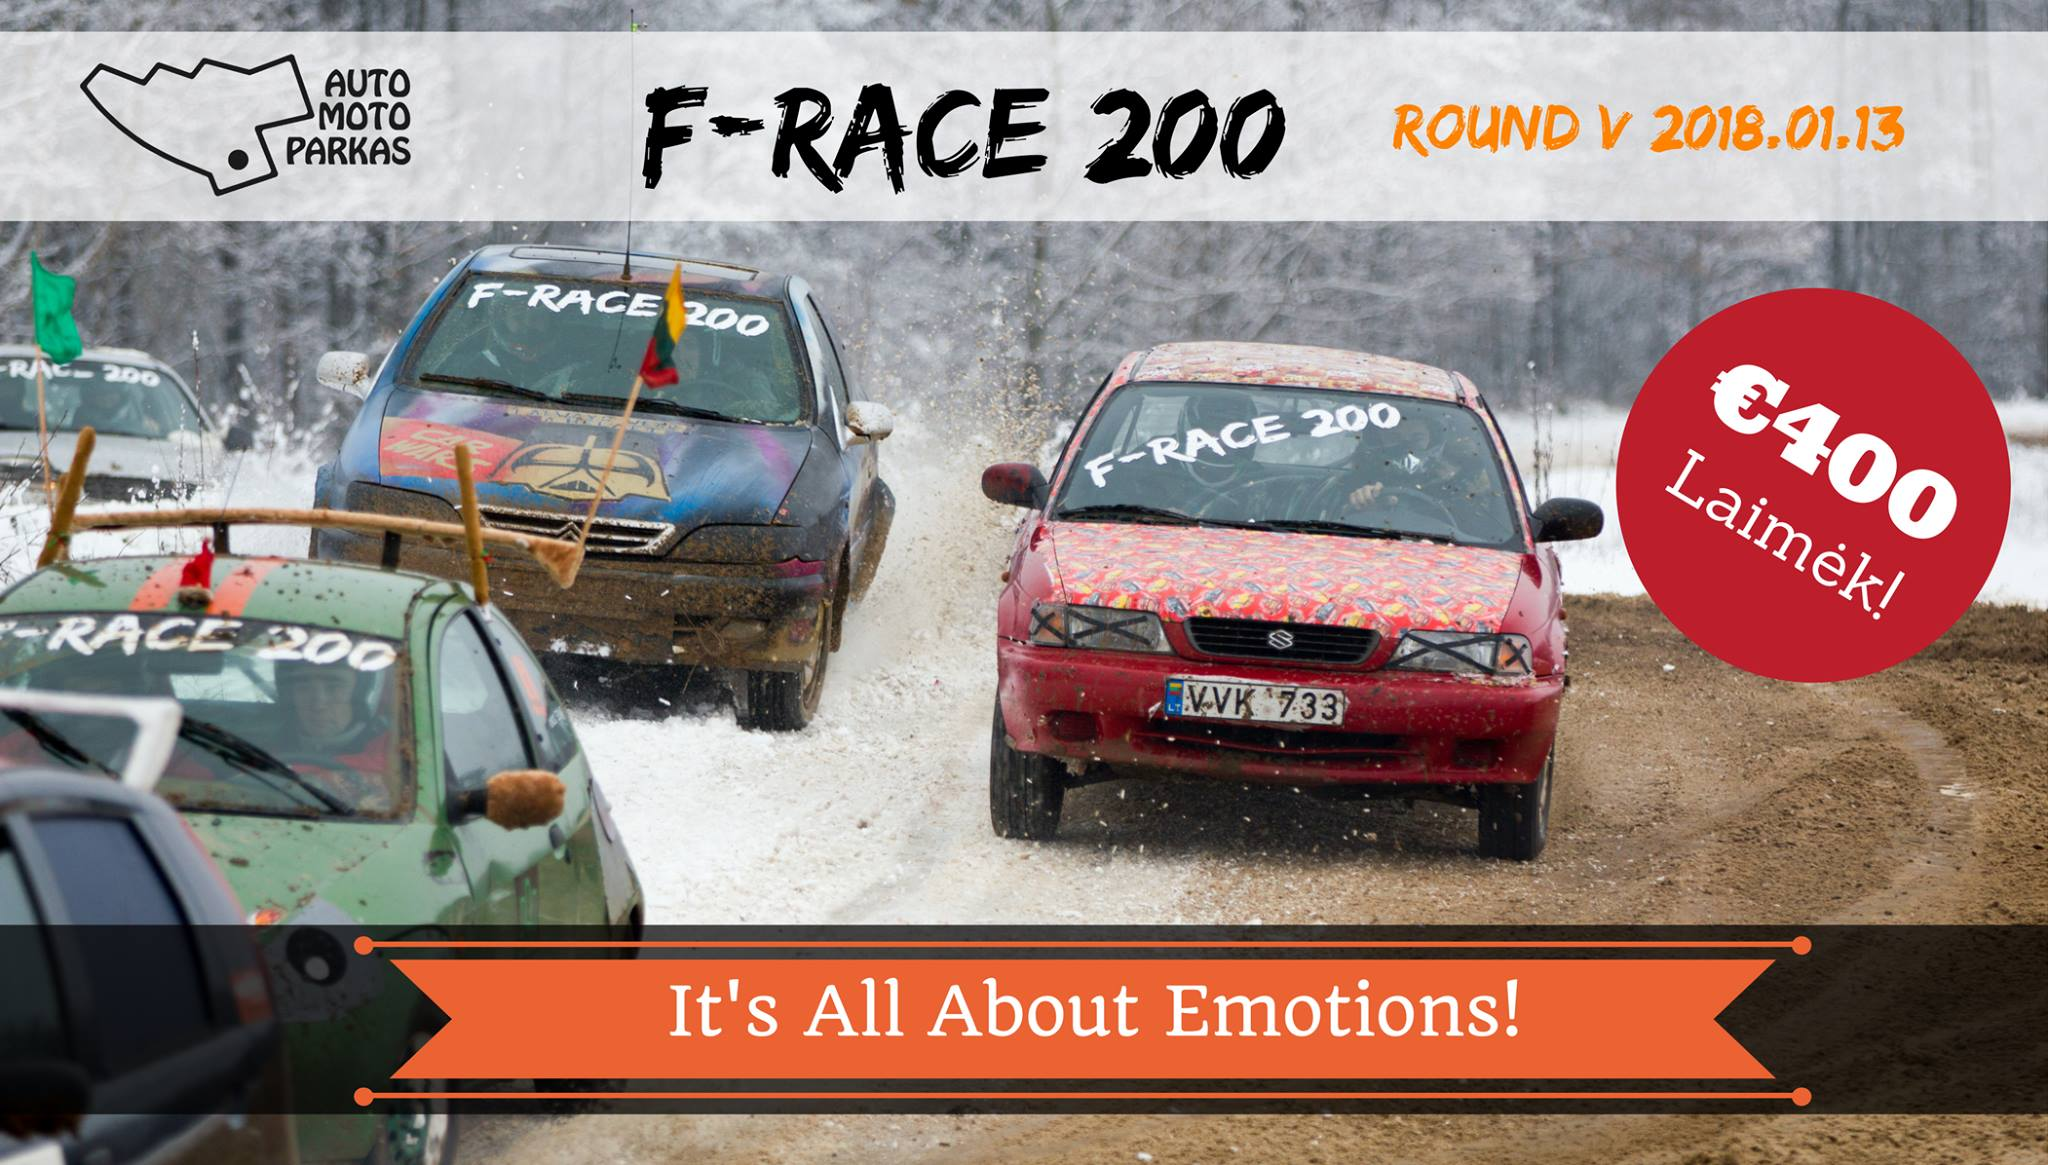 F-Race 200 Round V